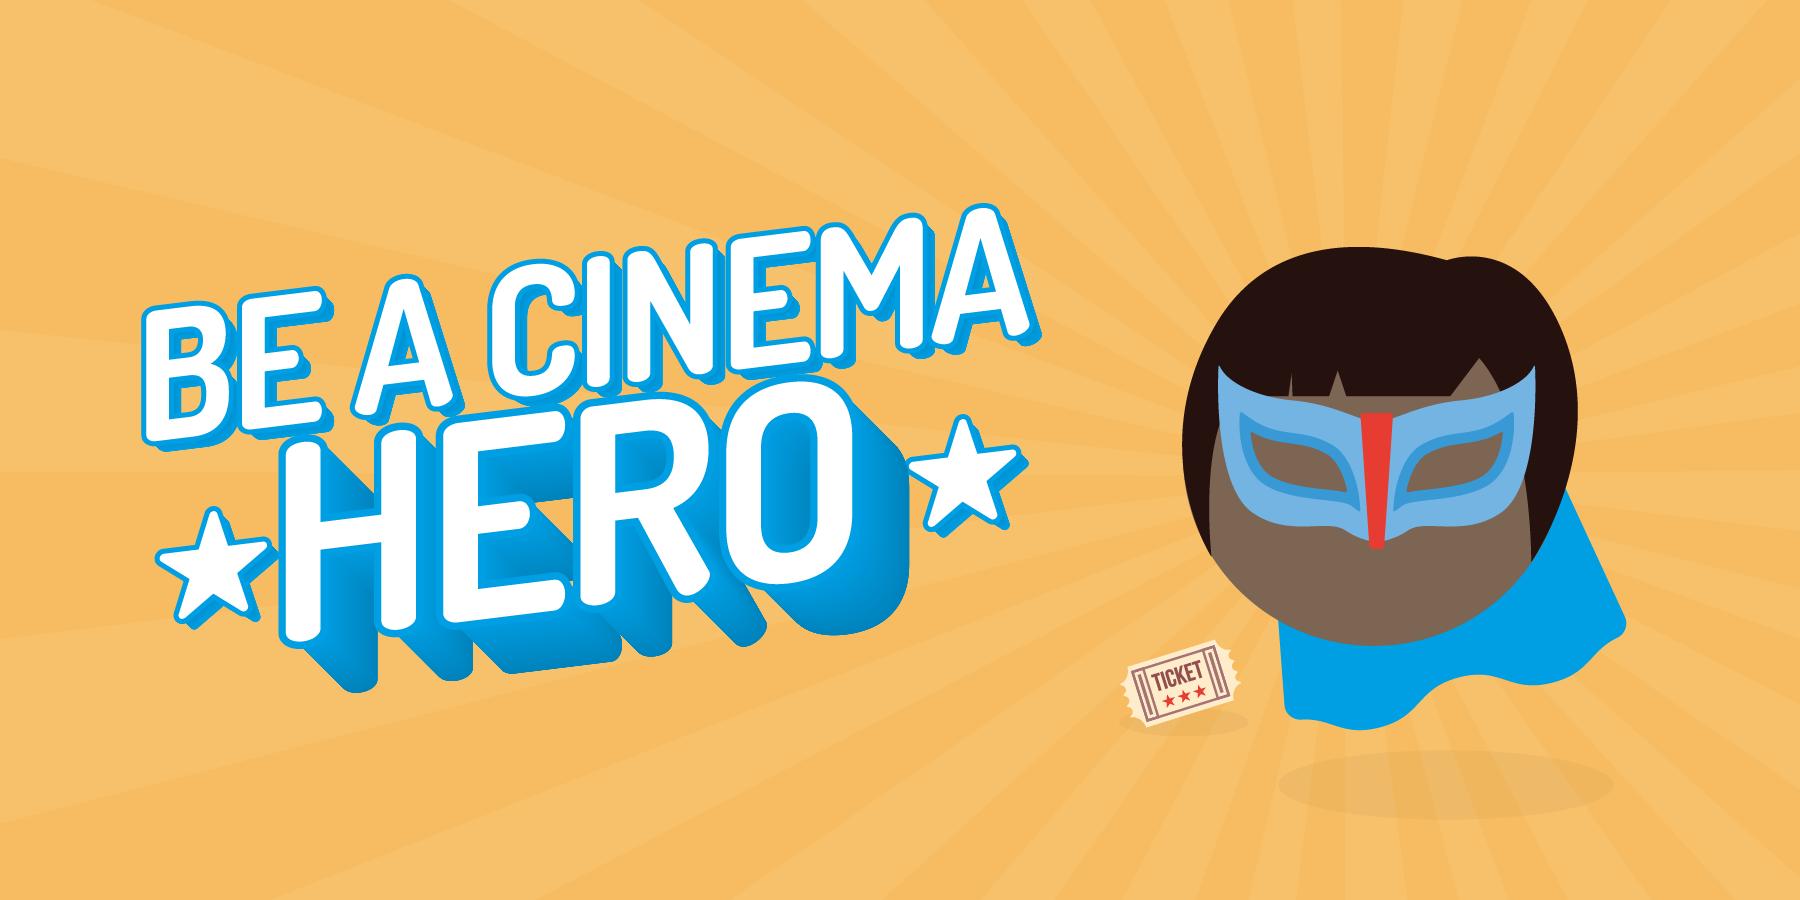 Cinema Heroes header image